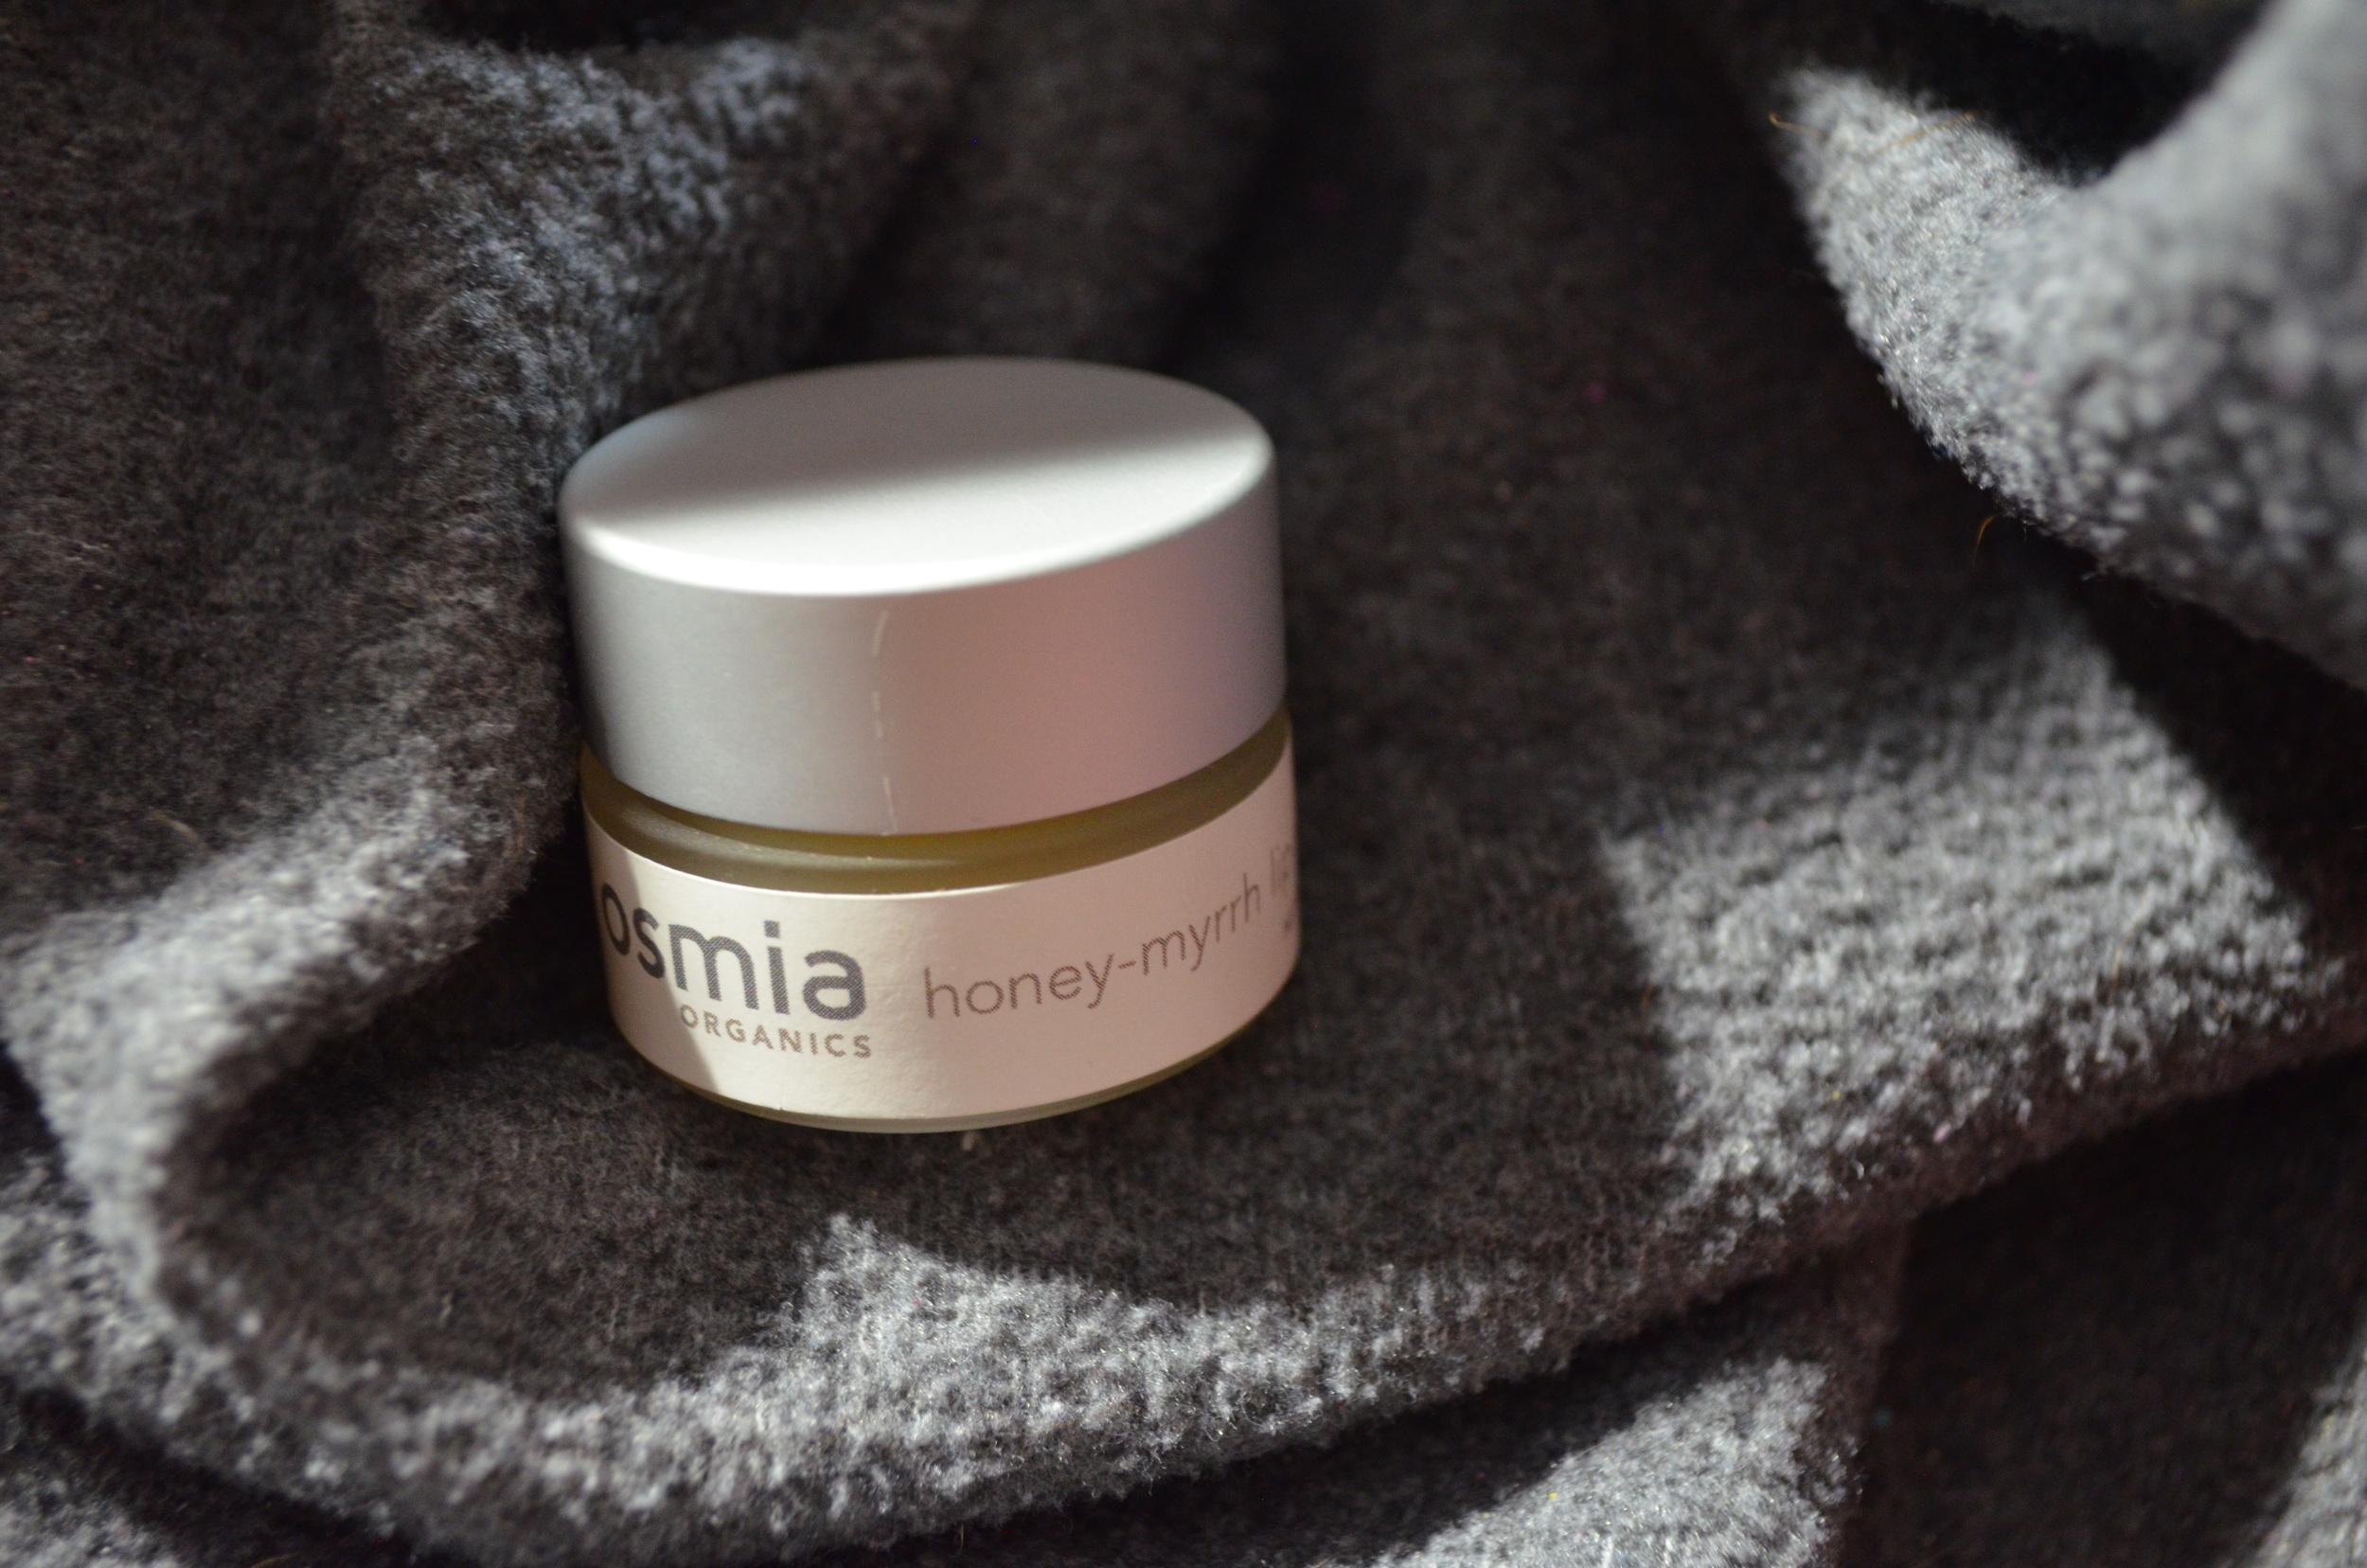 Osmia Organics Honey-Myrrh Lip Repair Review